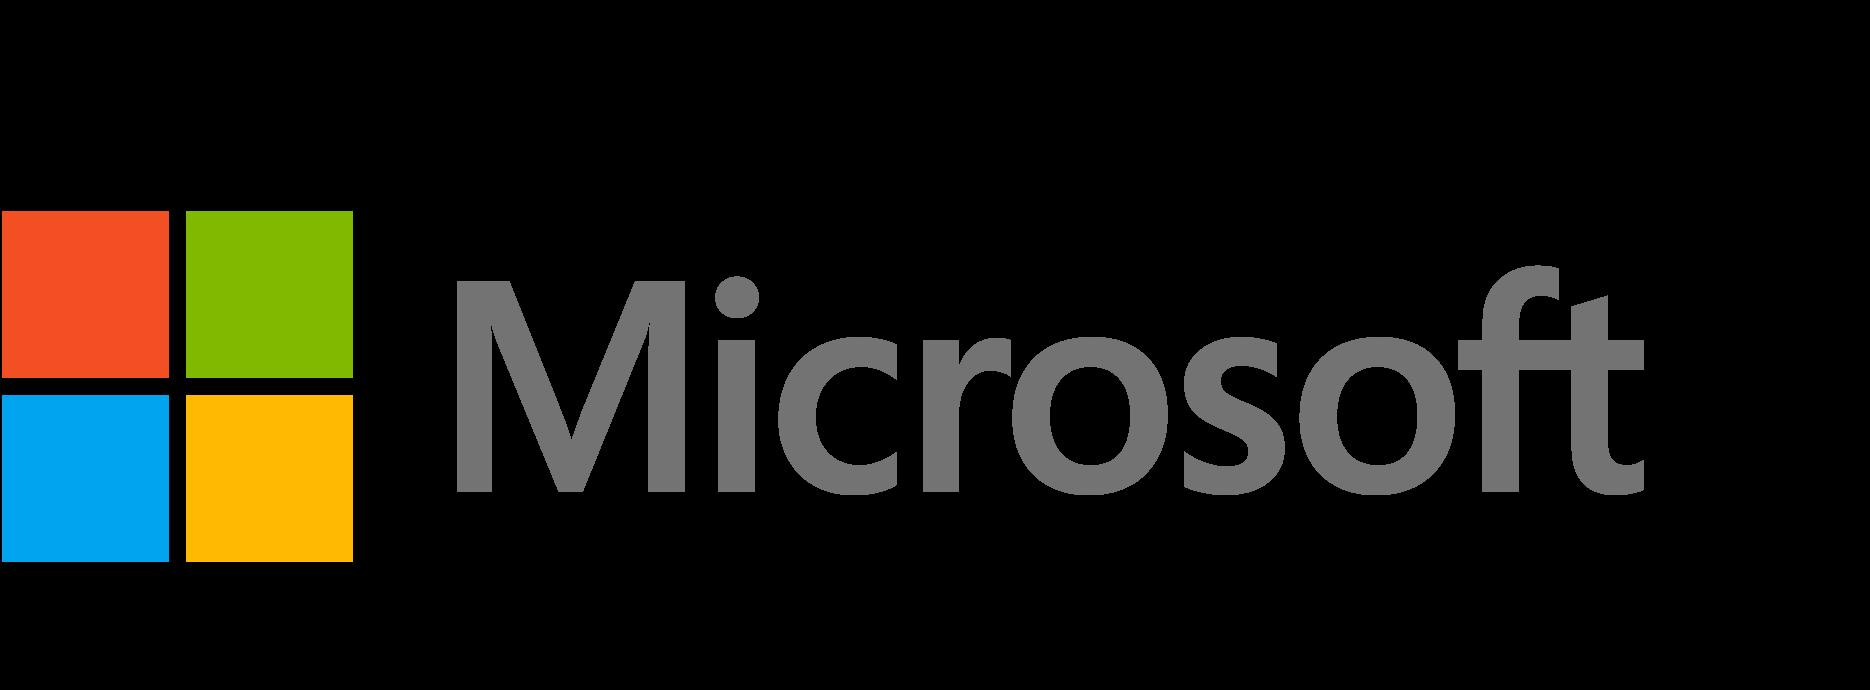 عناوين فروع صيانة شركة ميكروسوفت Microsoft